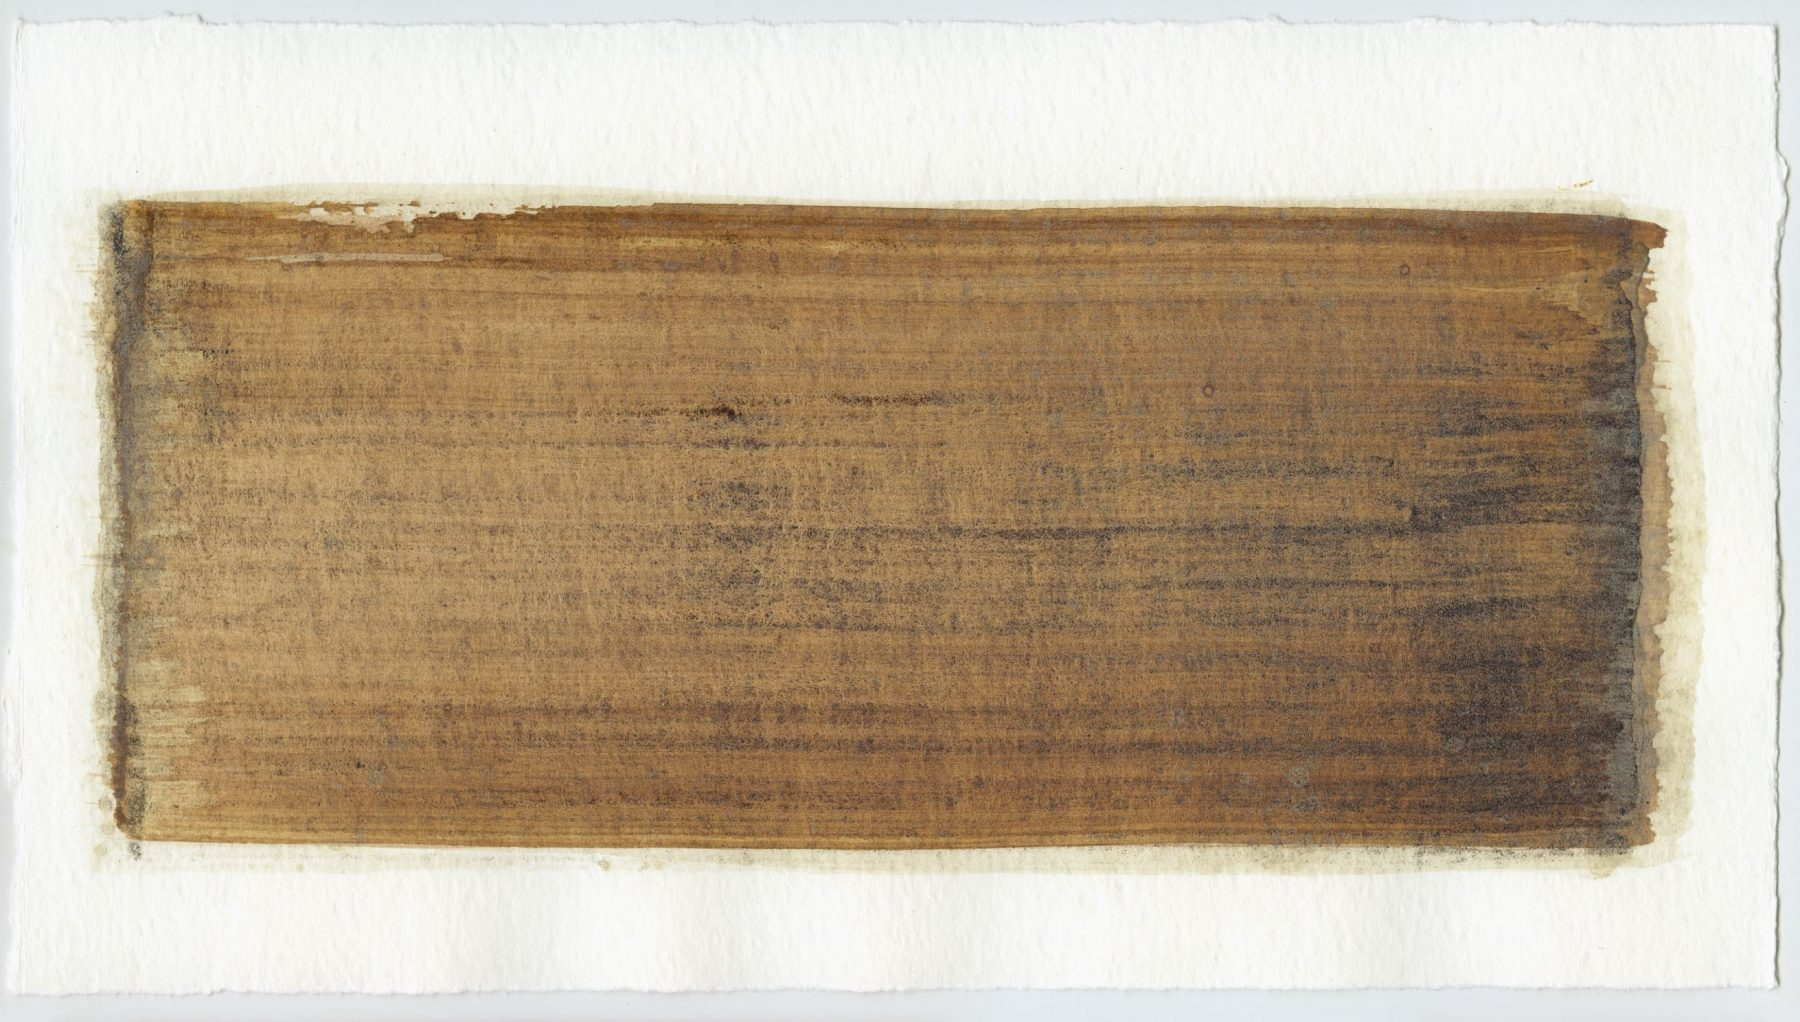 Brush stroke no. 24 - Selfmade pigment: IJzeroer, Mortel paarsgrijs grof, Perekker grijs gebrand